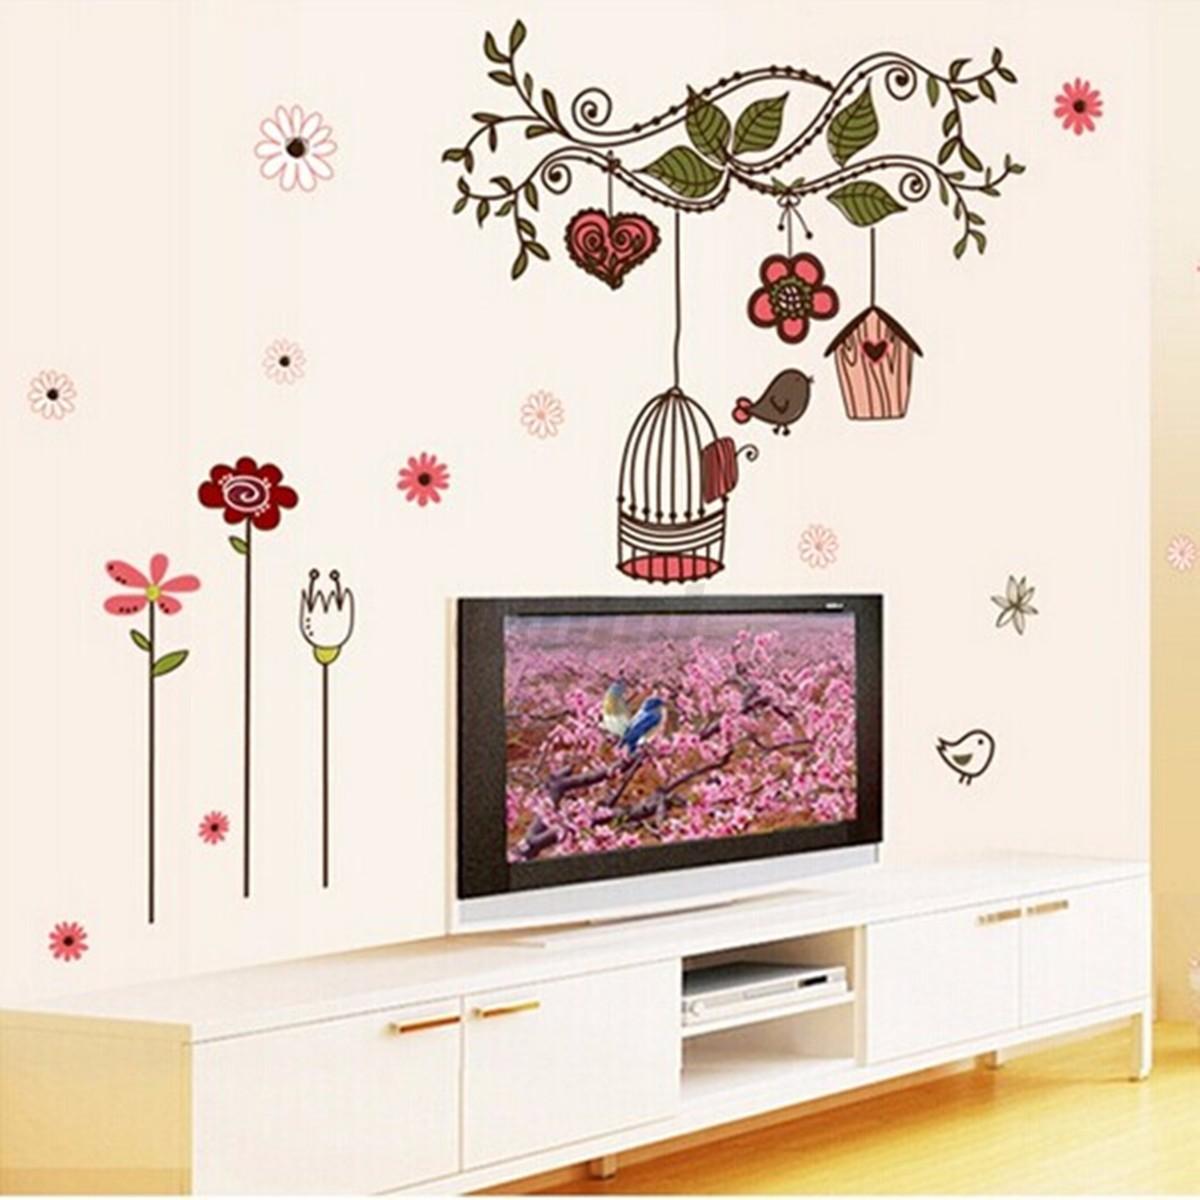 Diy removable tree wall decals kids bedroom baby nursery for Diy tree mural nursery